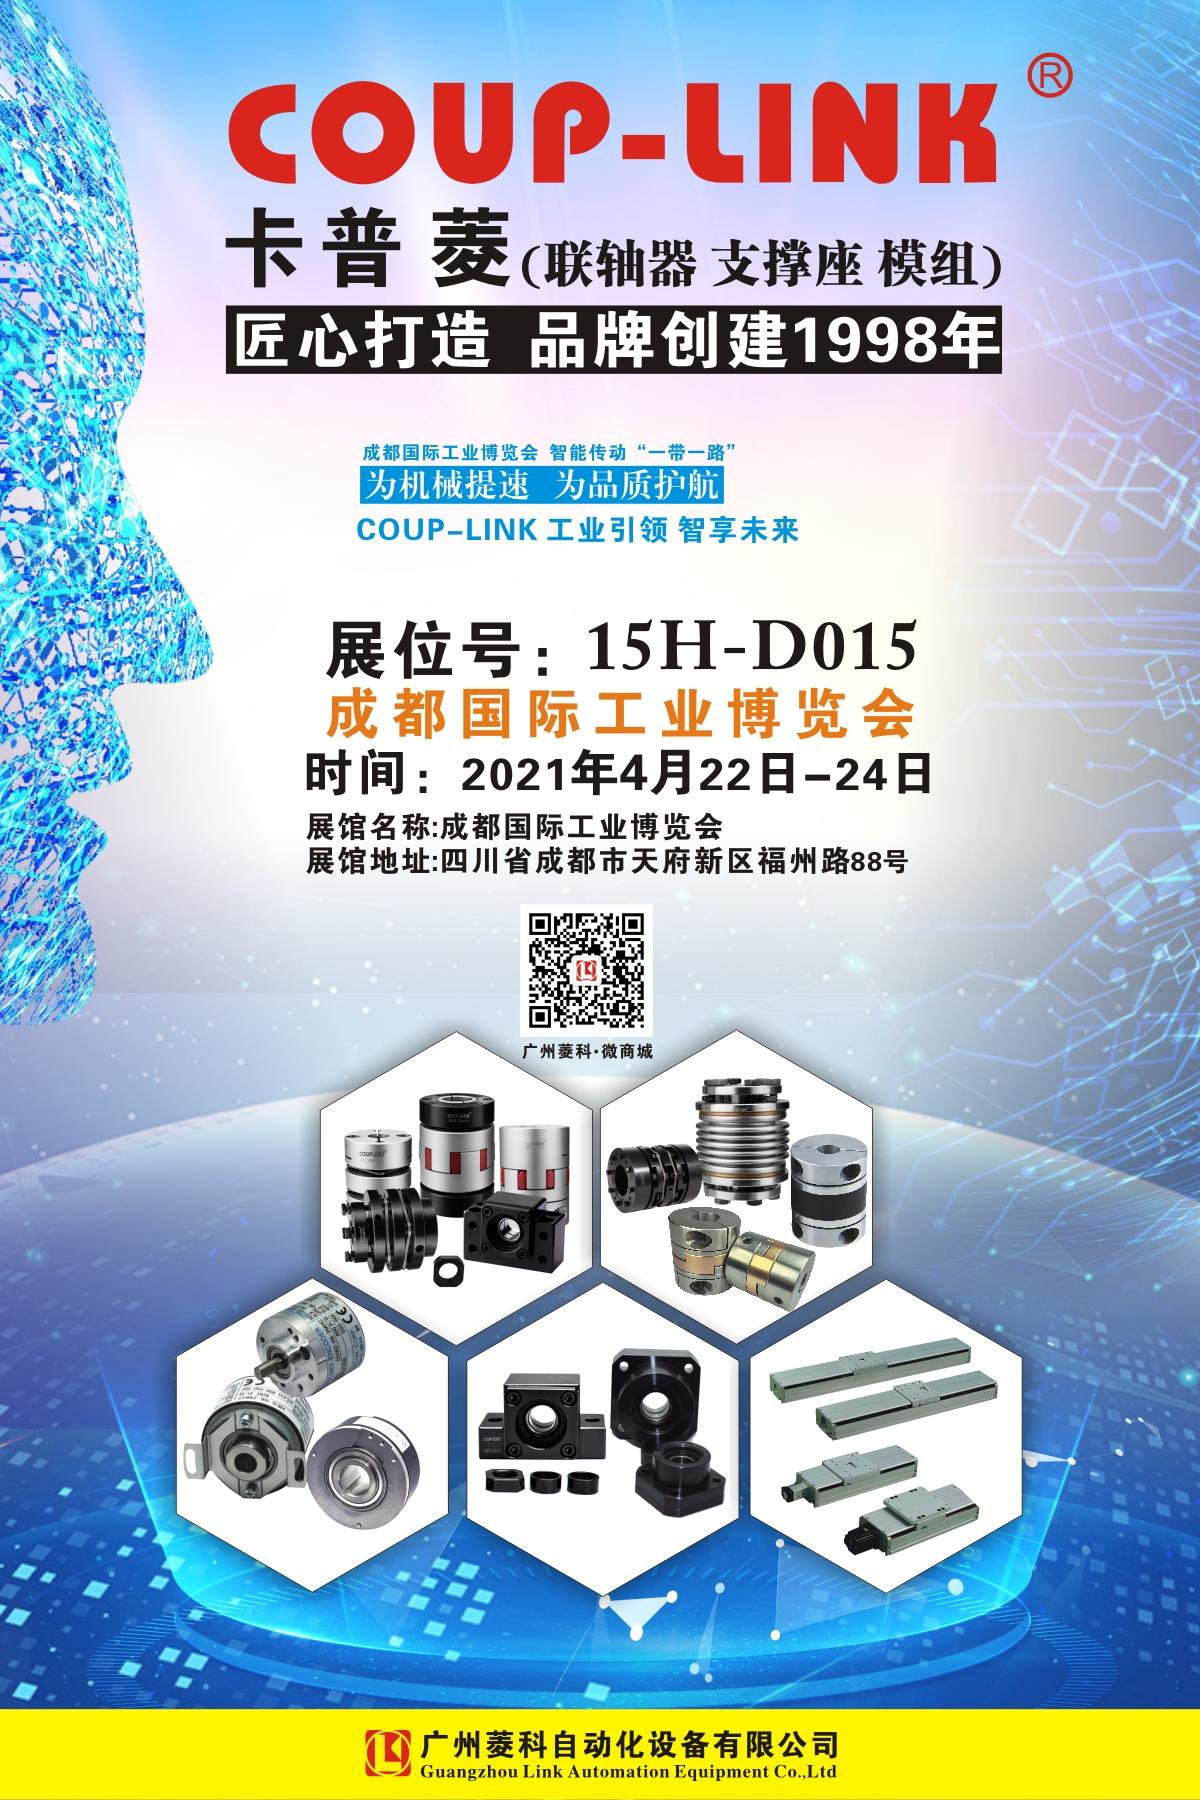 2021年4月22日-24日成都國際工業博覽會_聯軸器的選擇-廣州菱科自動化設備有限公司